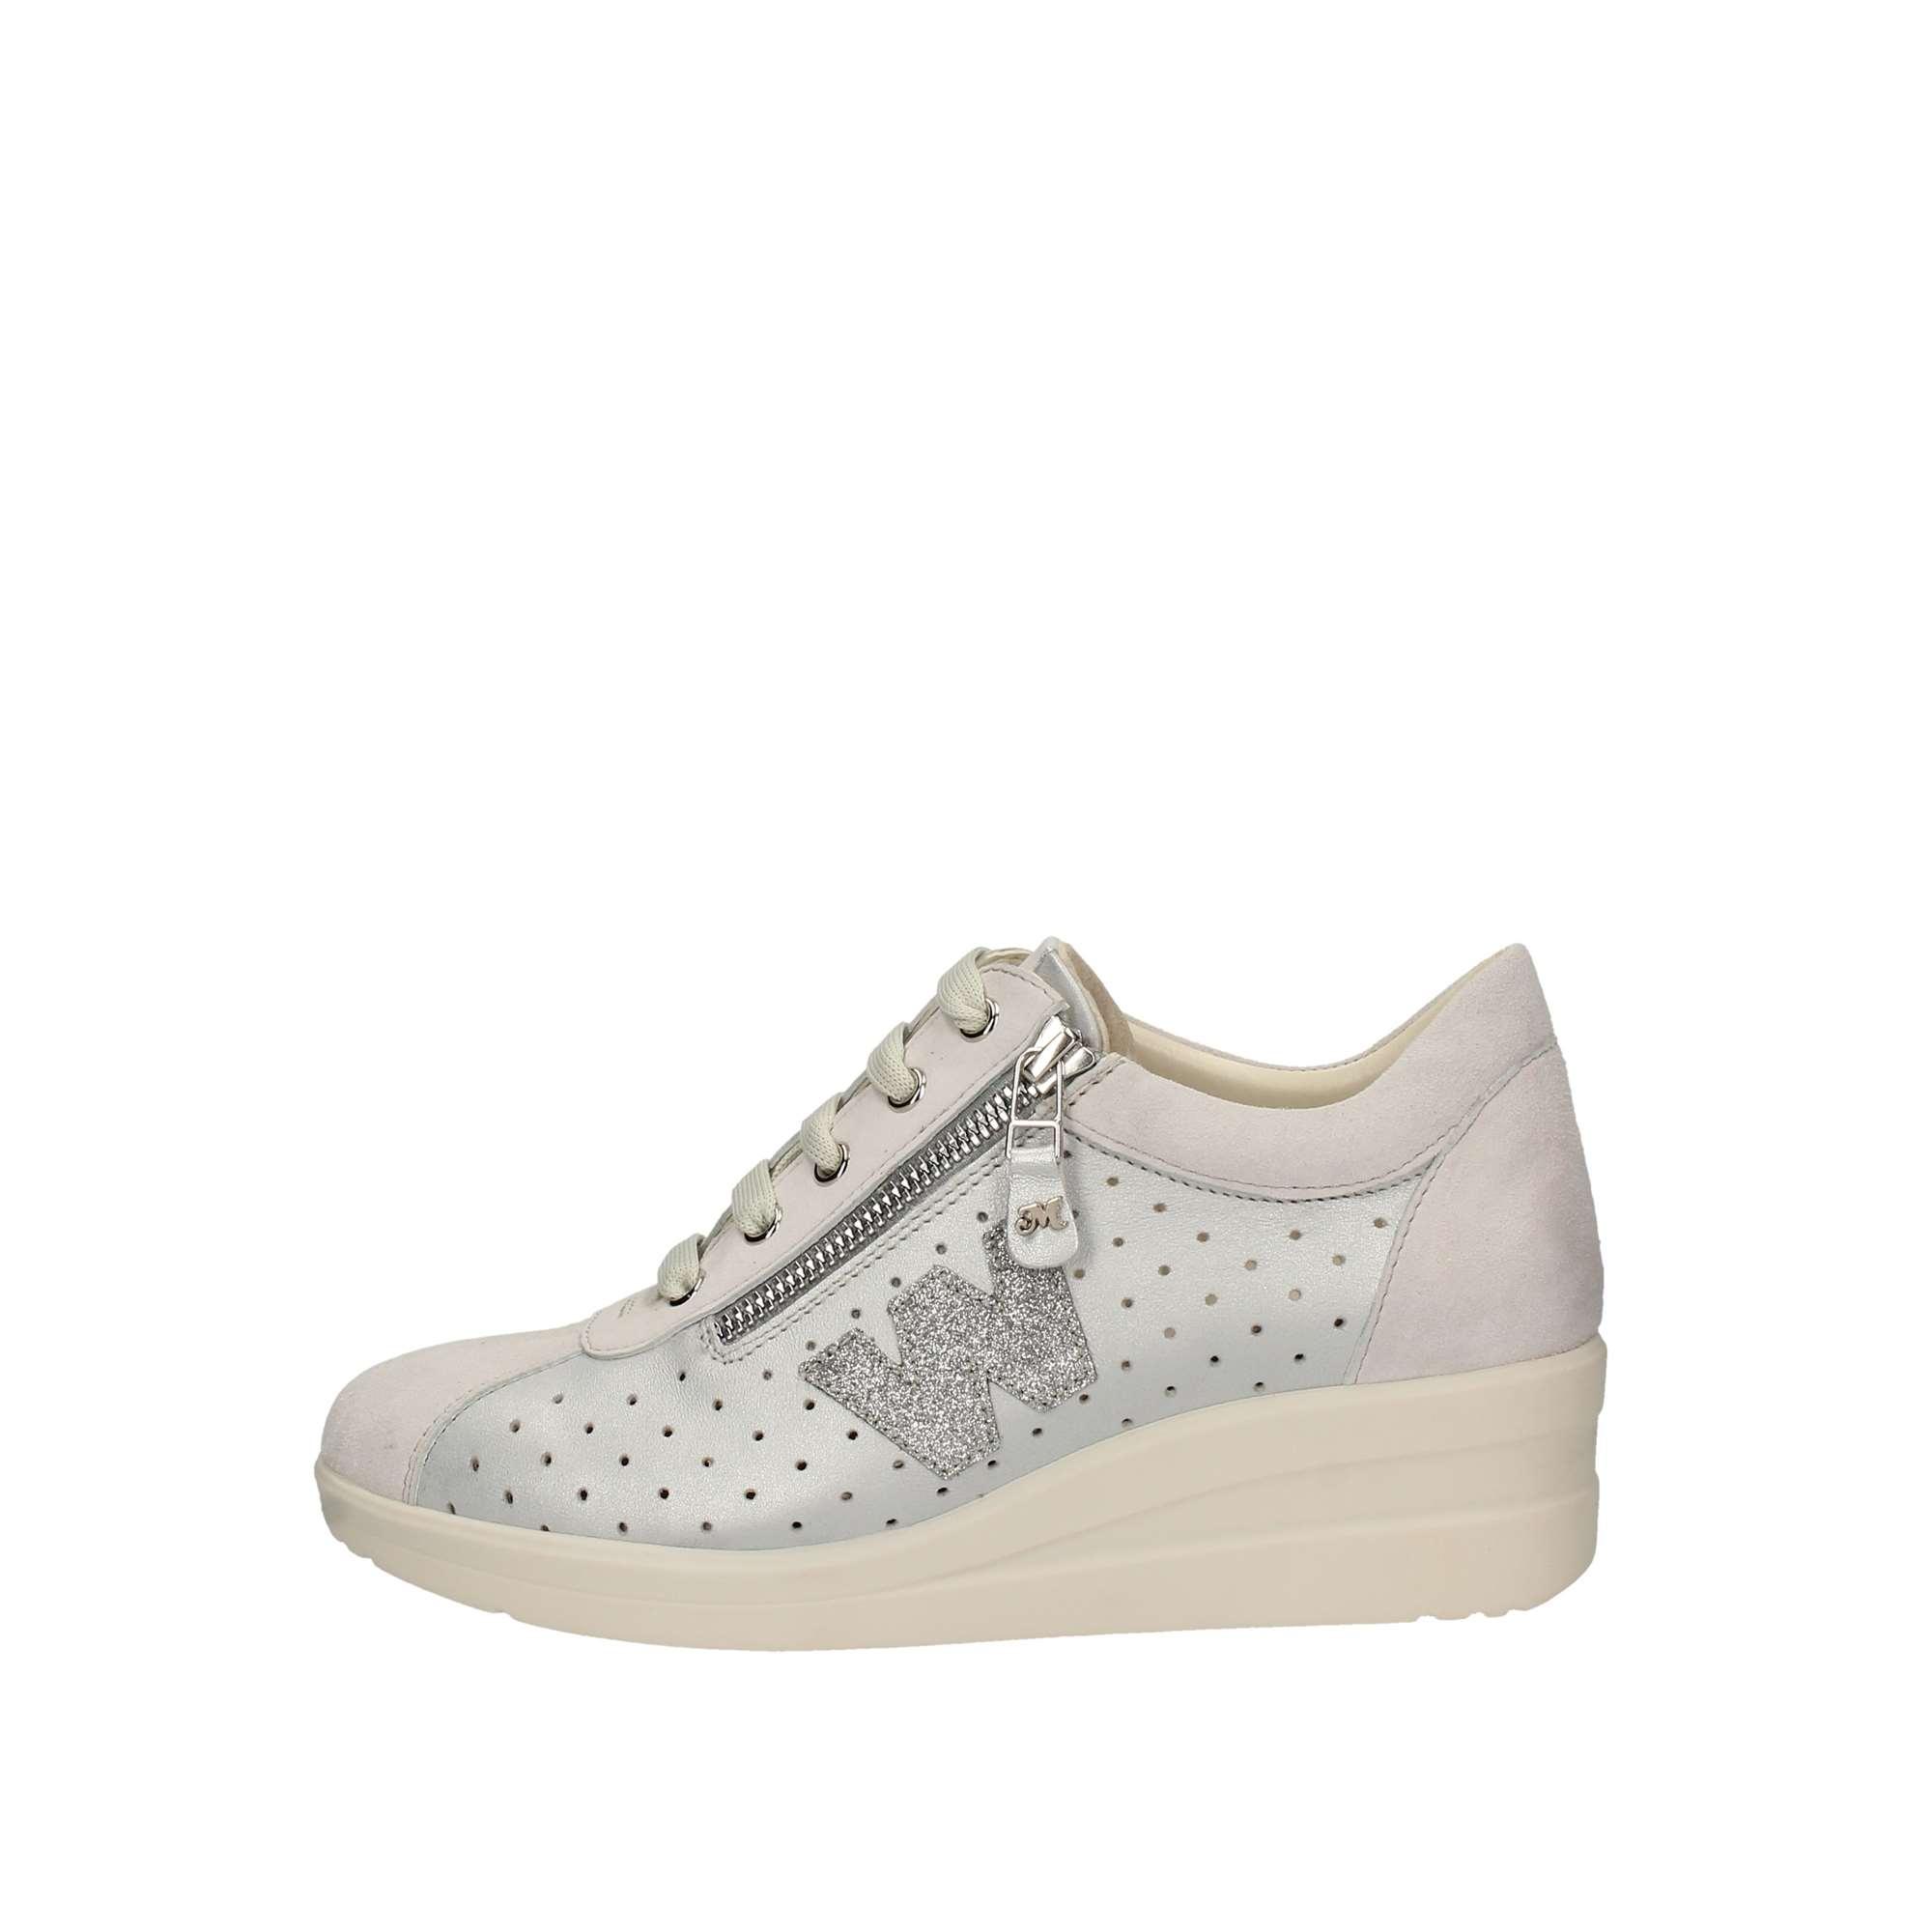 Melluso Sneakers Donna R20132   Acquista ora su Sorrentino